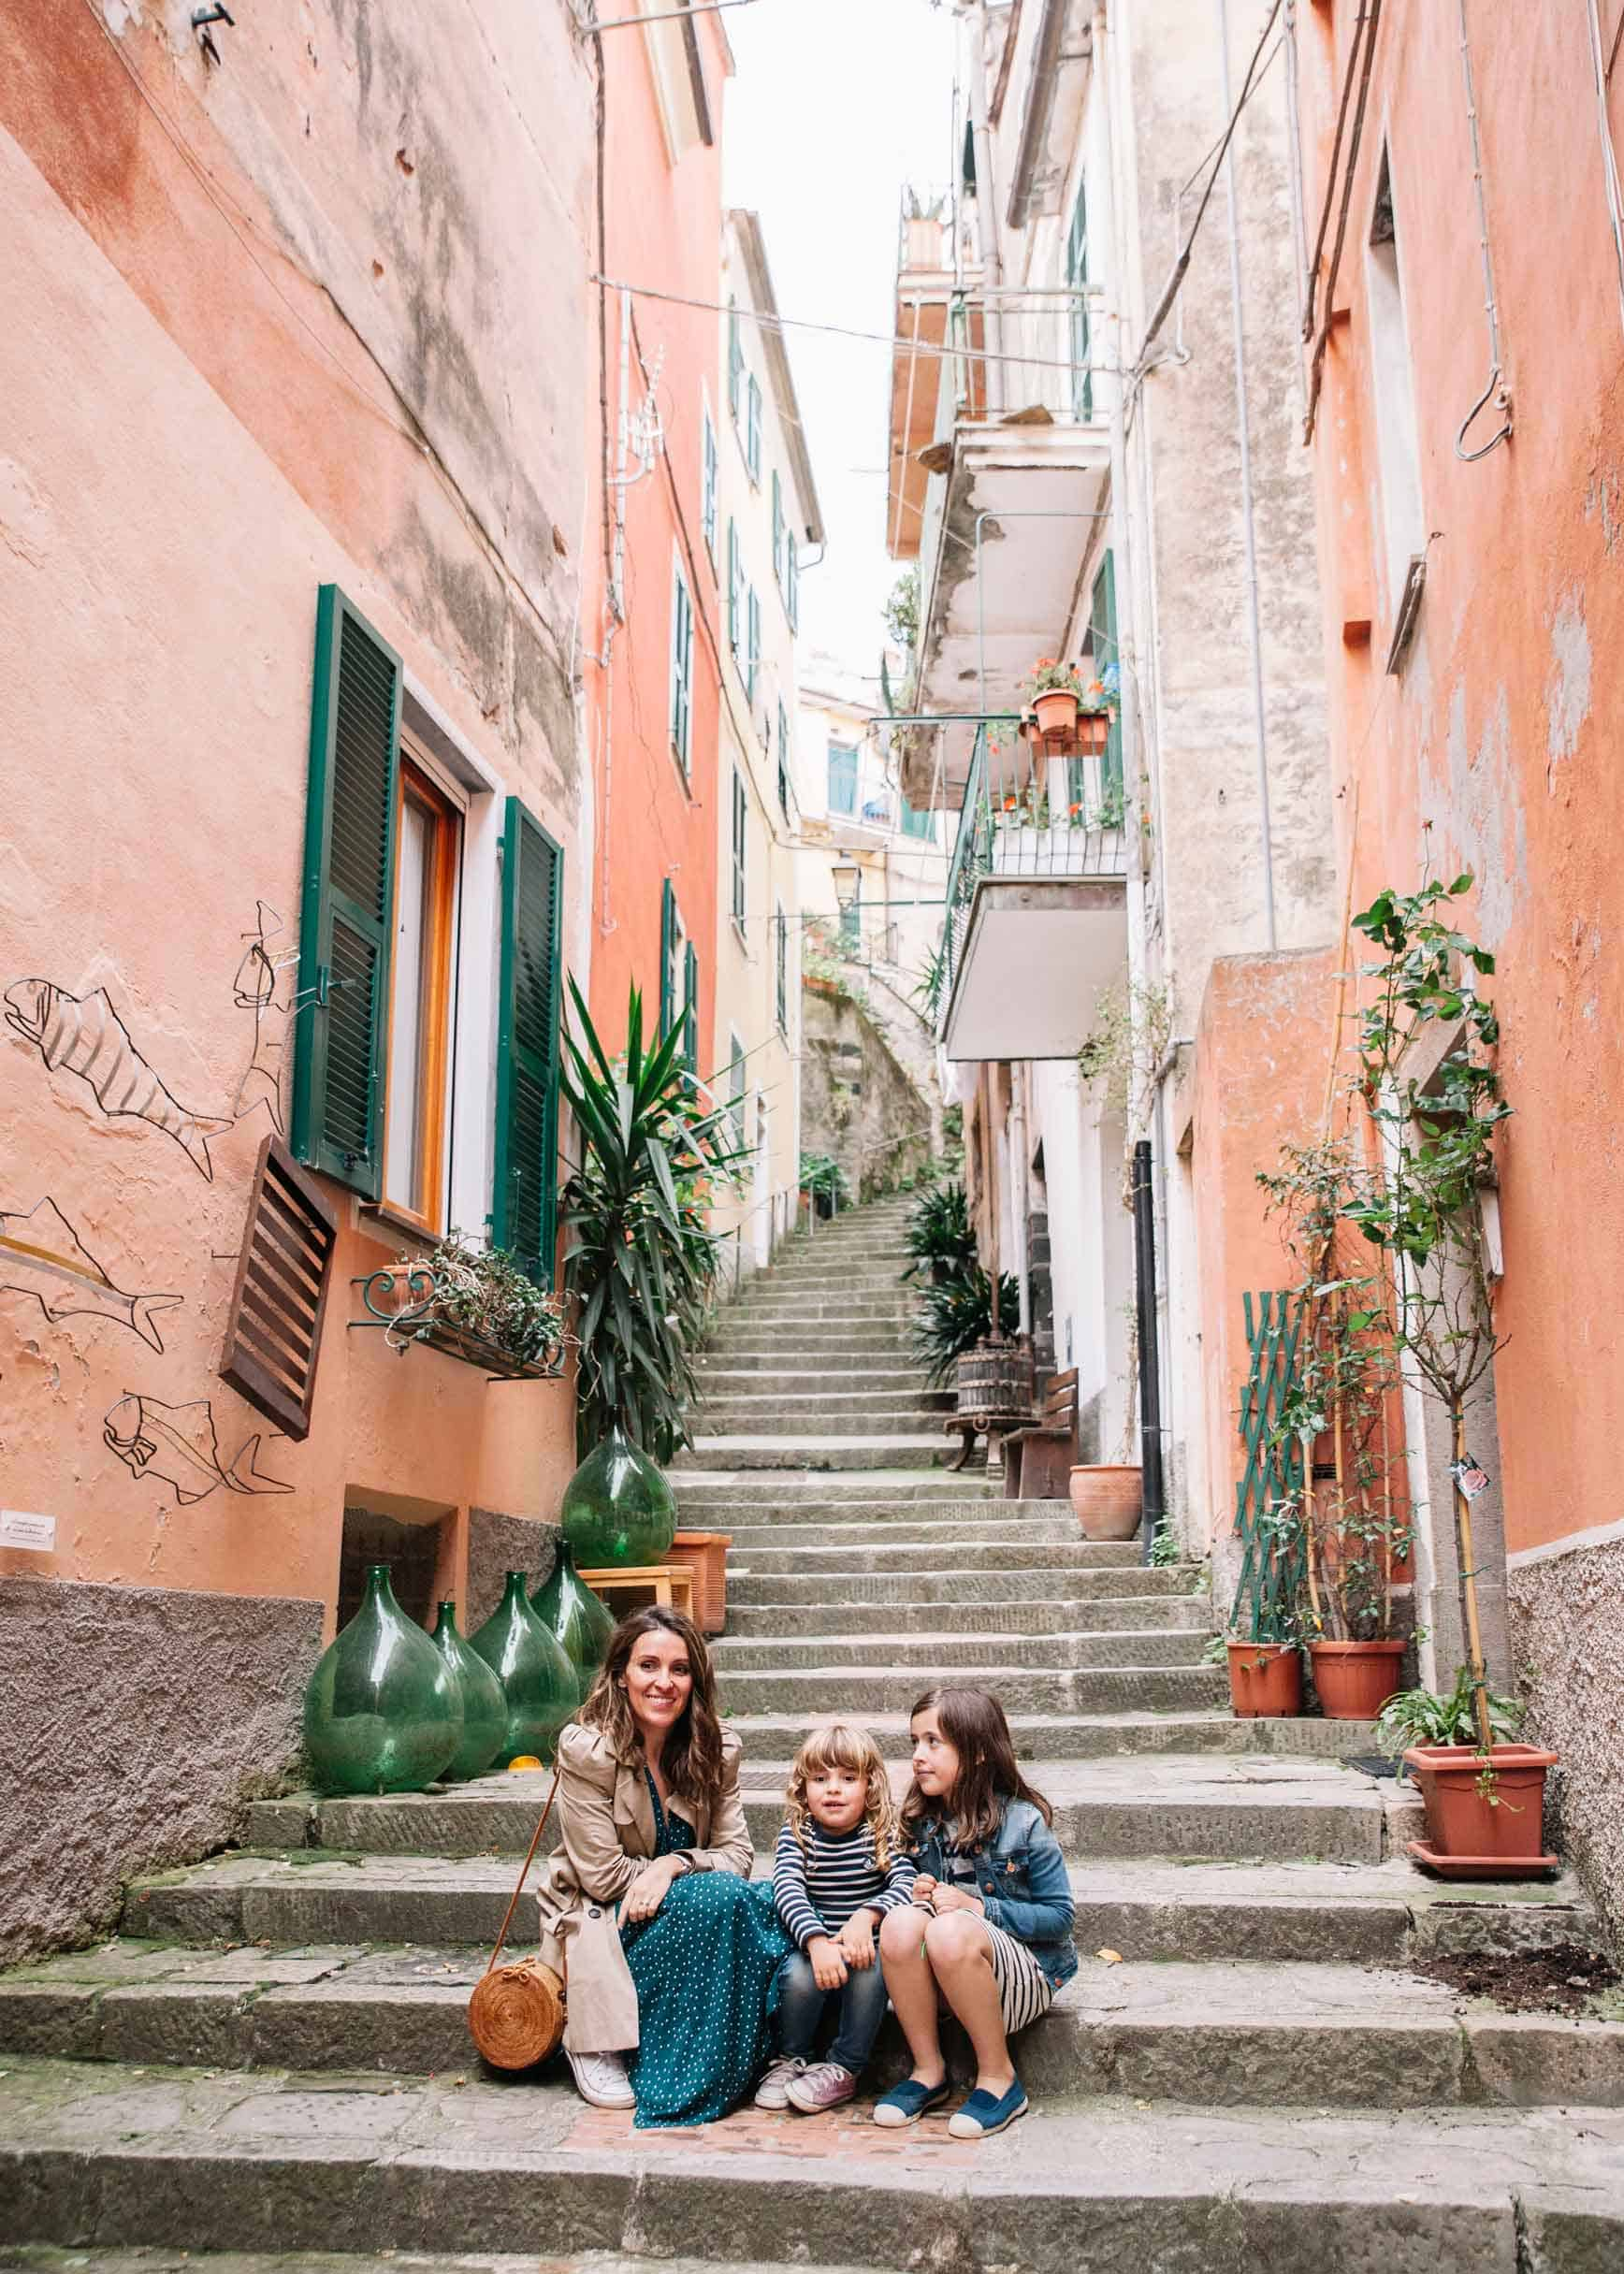 Cinque_Terre_Monterosso_372a